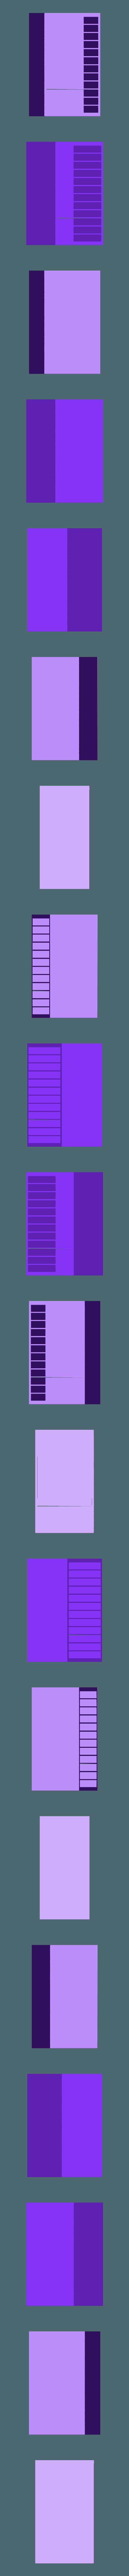 sdx12.STL Télécharger fichier STL gratuit Carte SD - Boîte • Objet imprimable en 3D, syzguru11